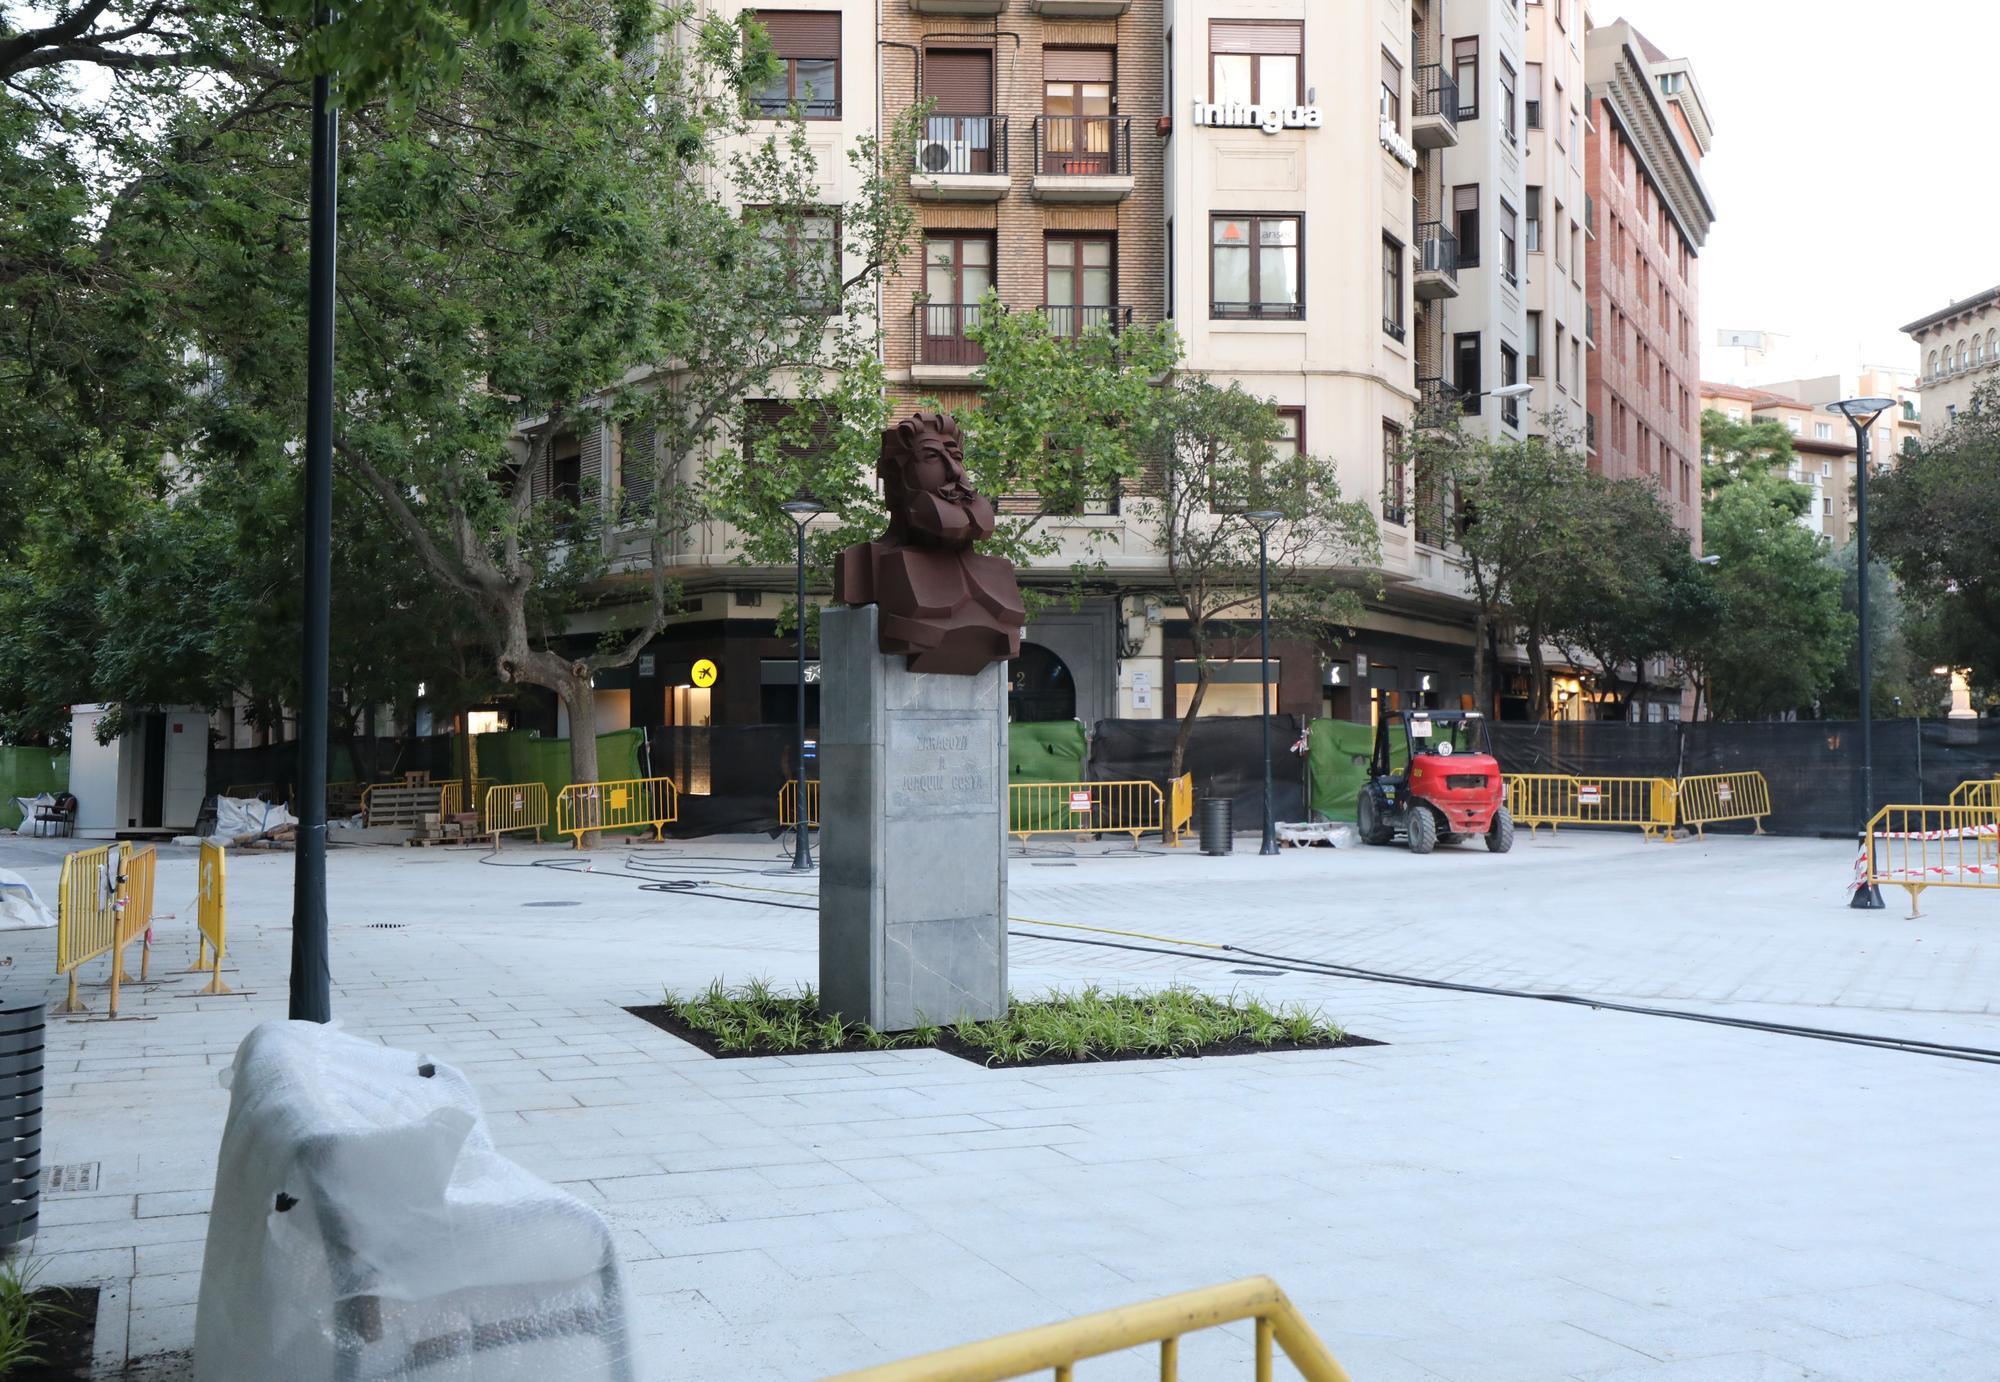 El busto de Joaquín Costa vuelve a la plaza Santa Engracia